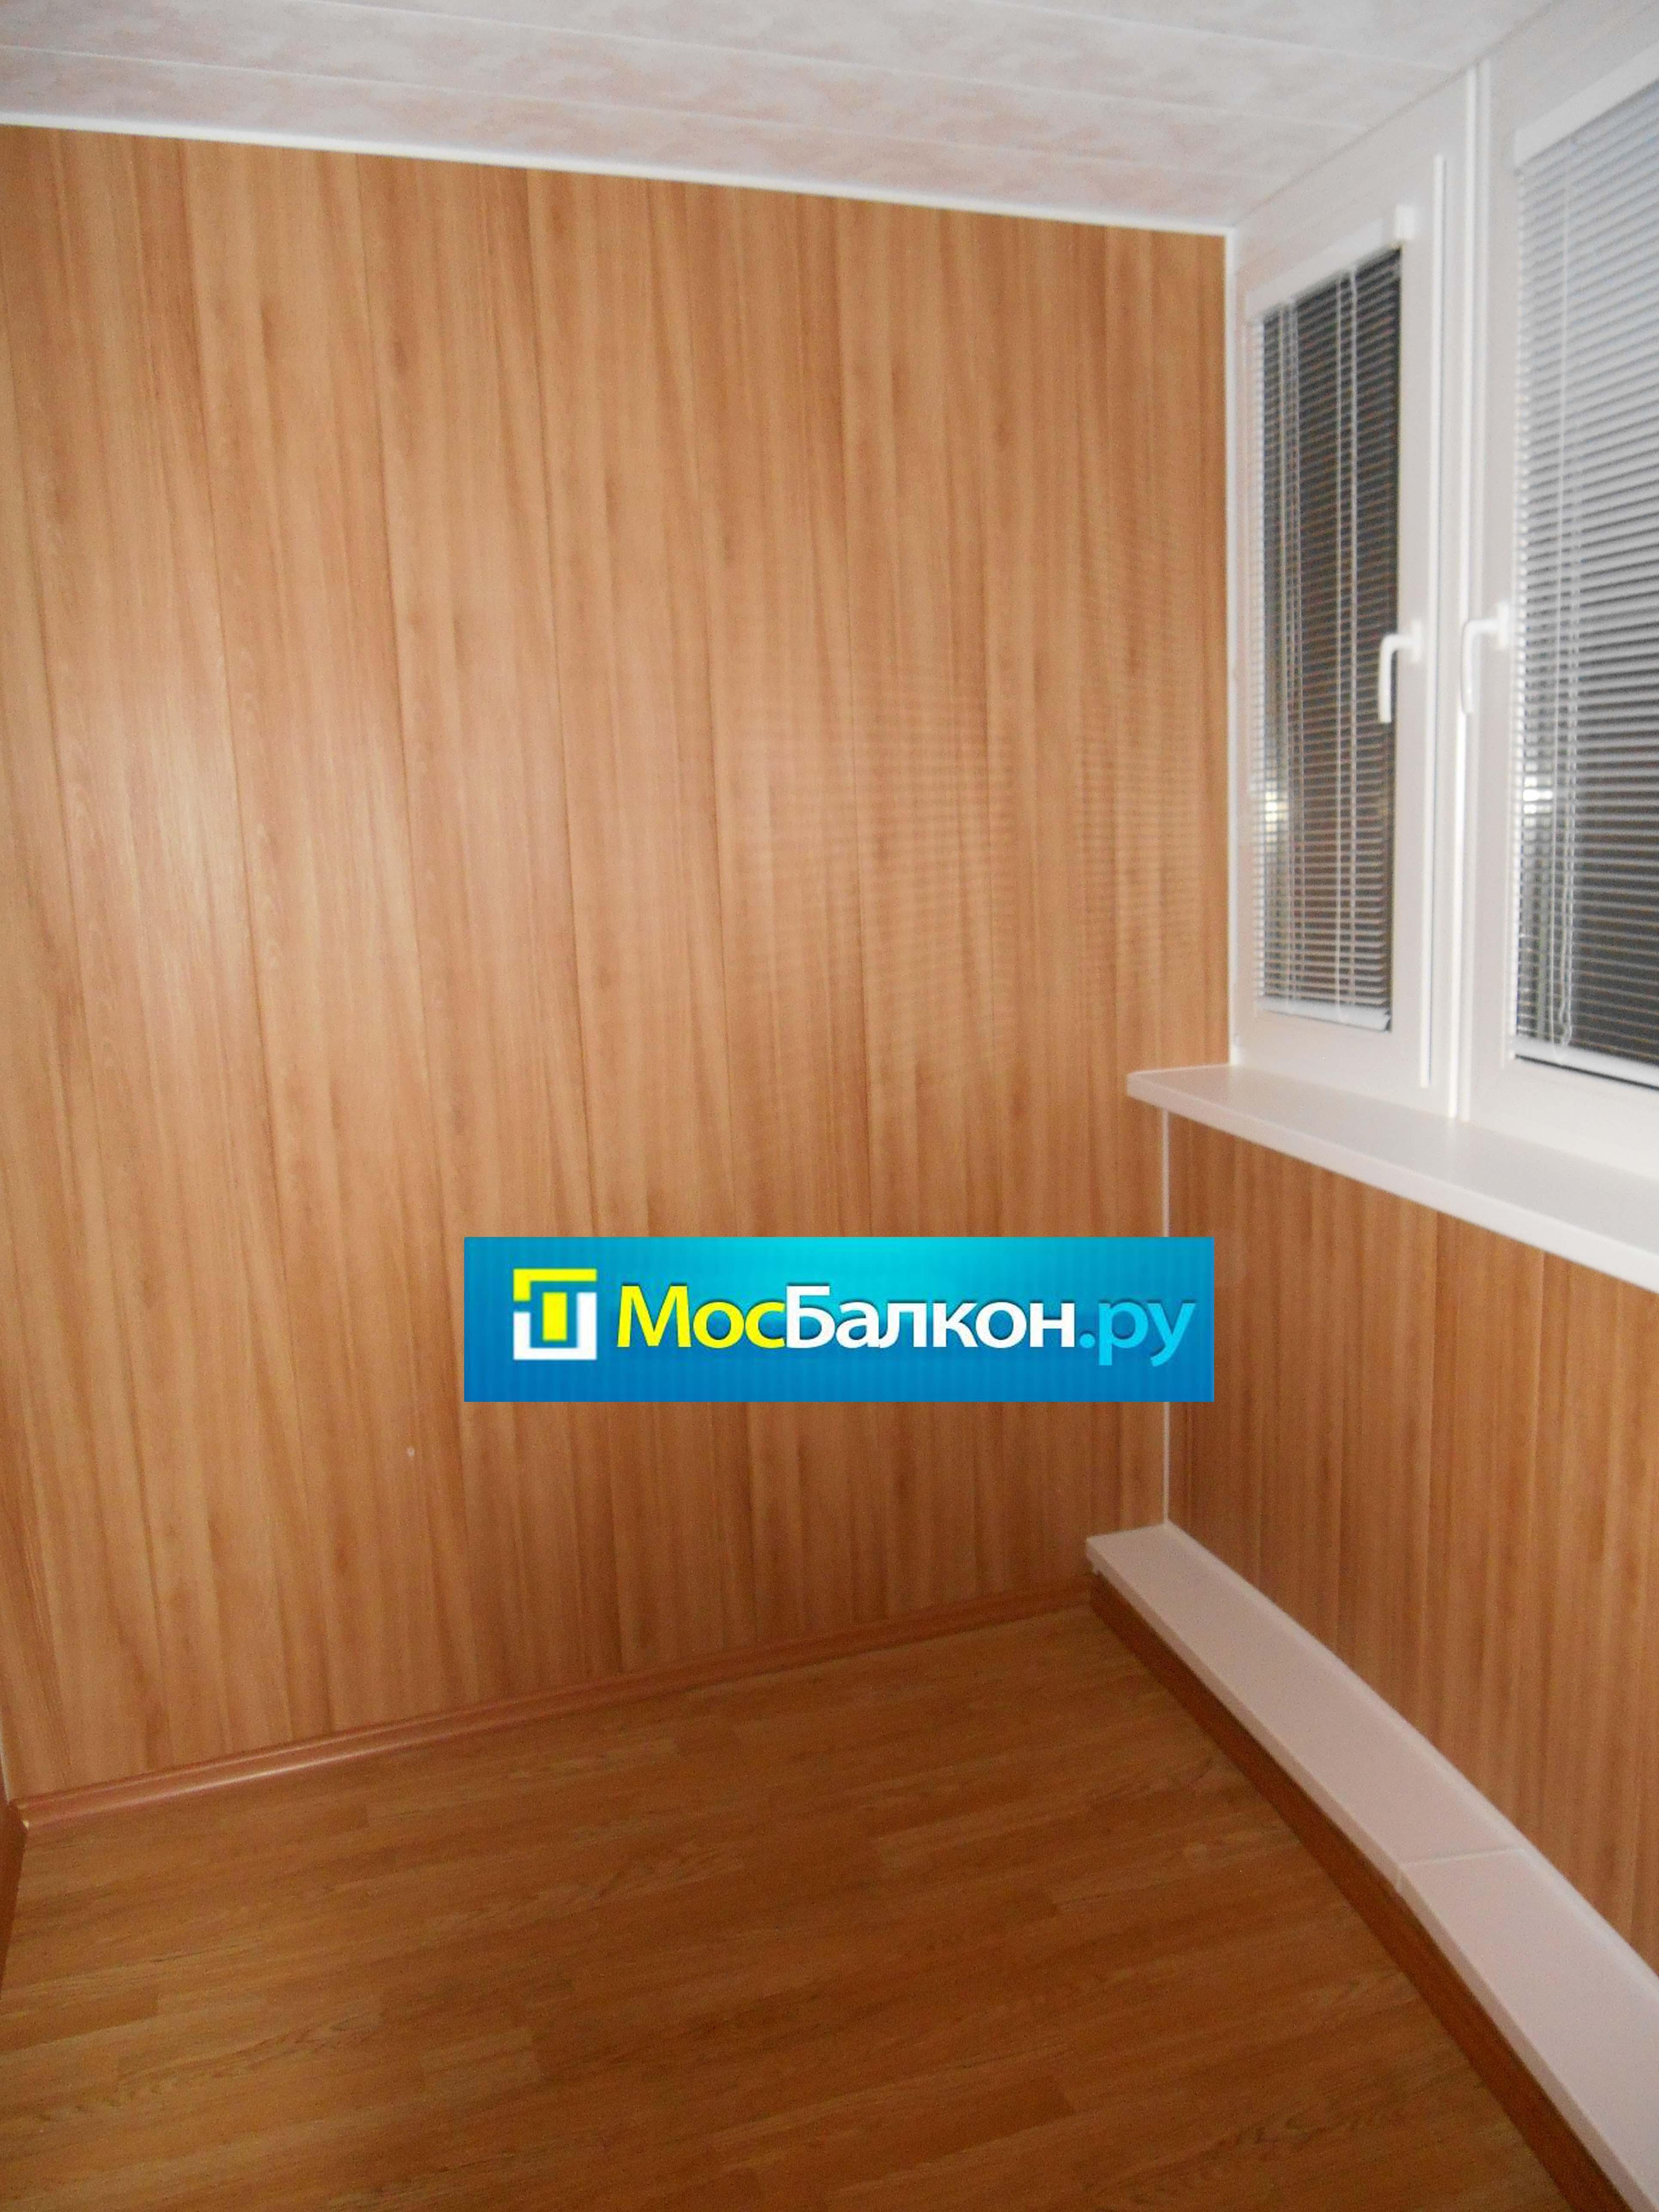 Купить панели для балкона.